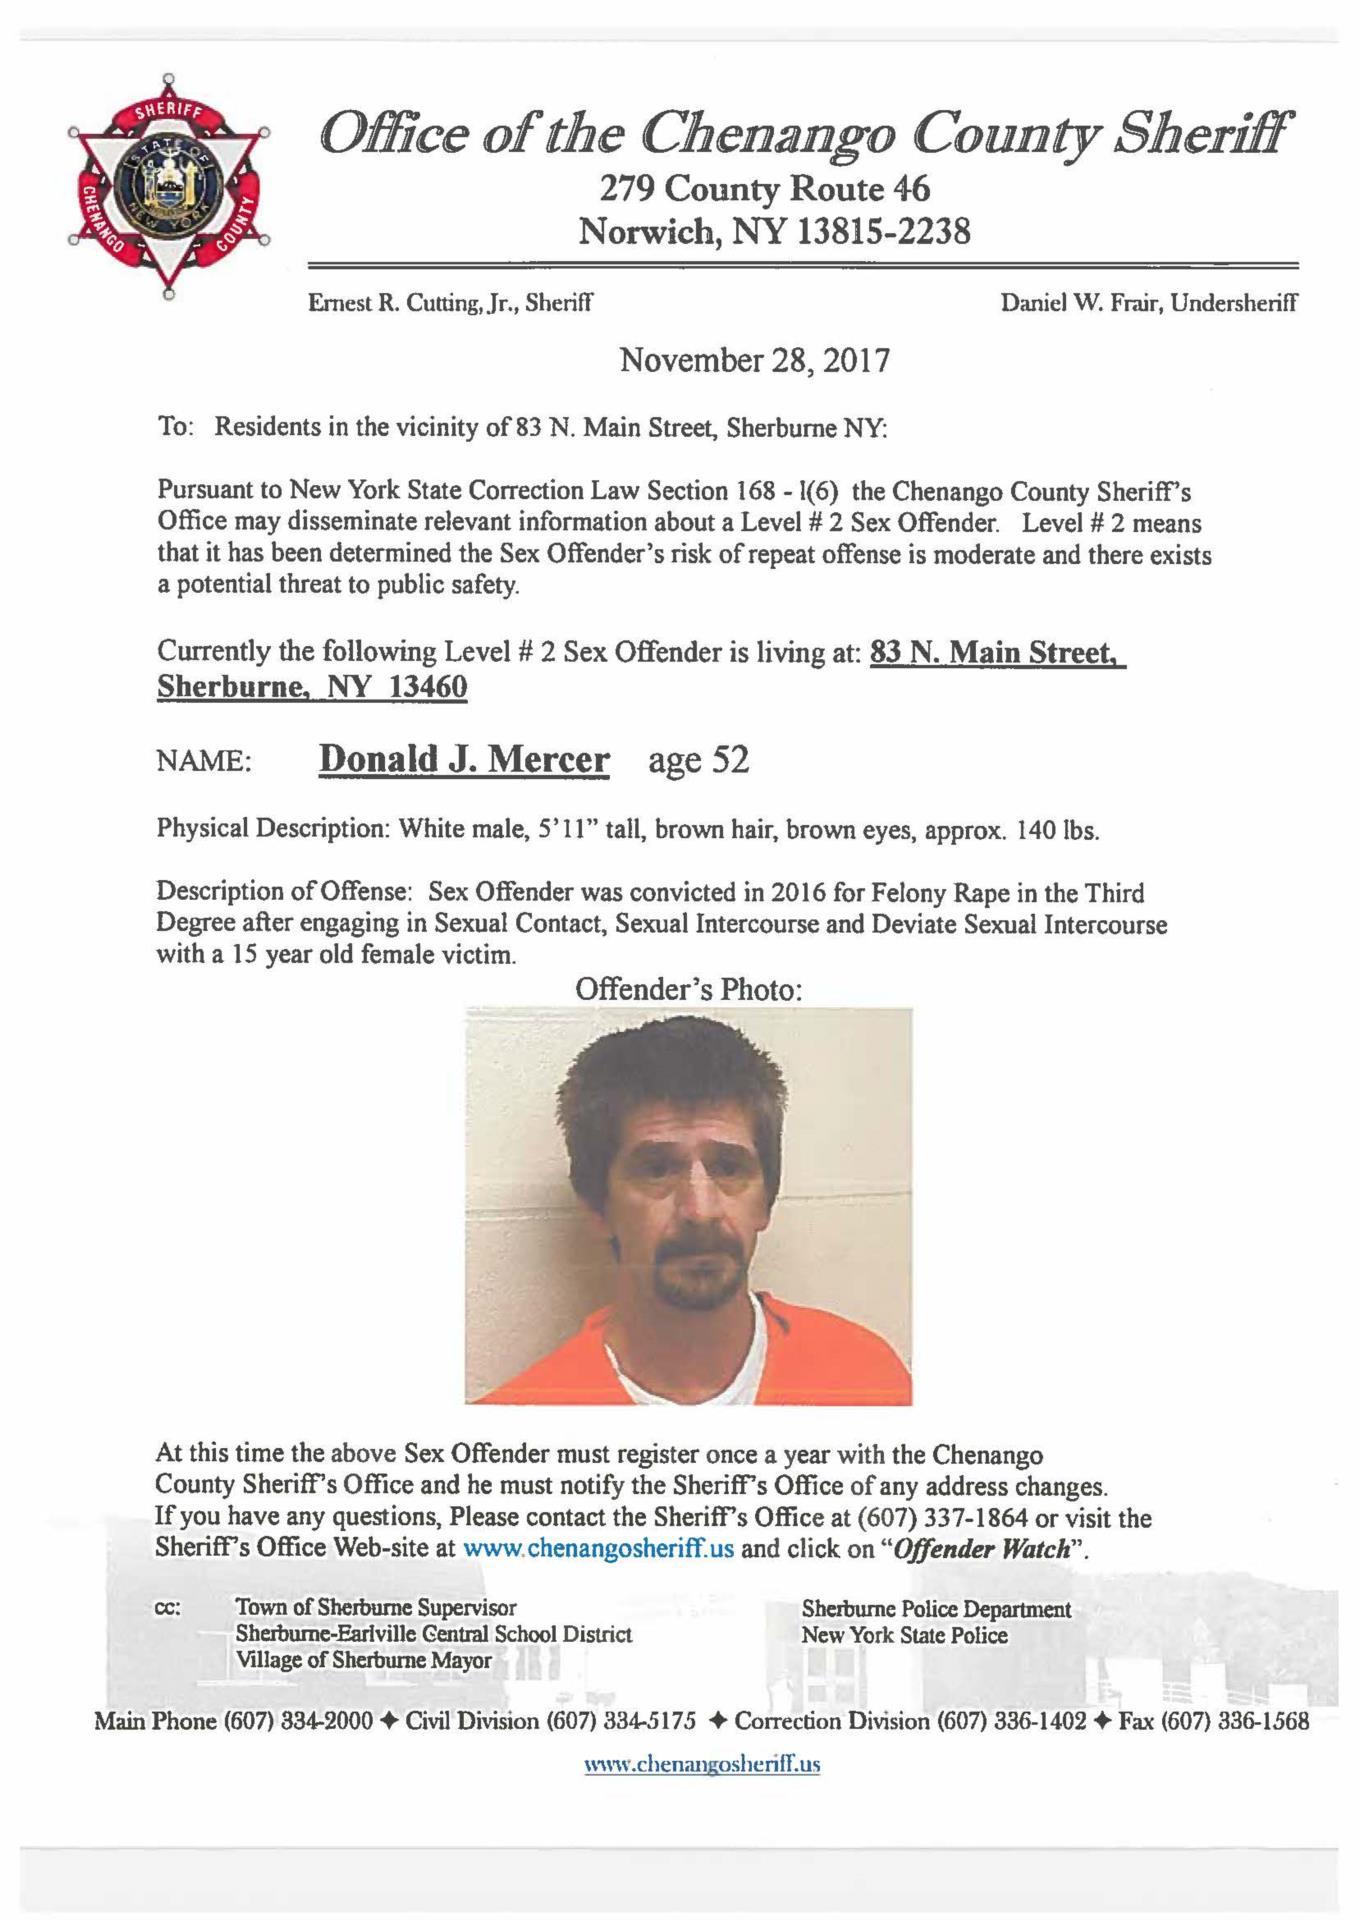 Mercer Sex Offender